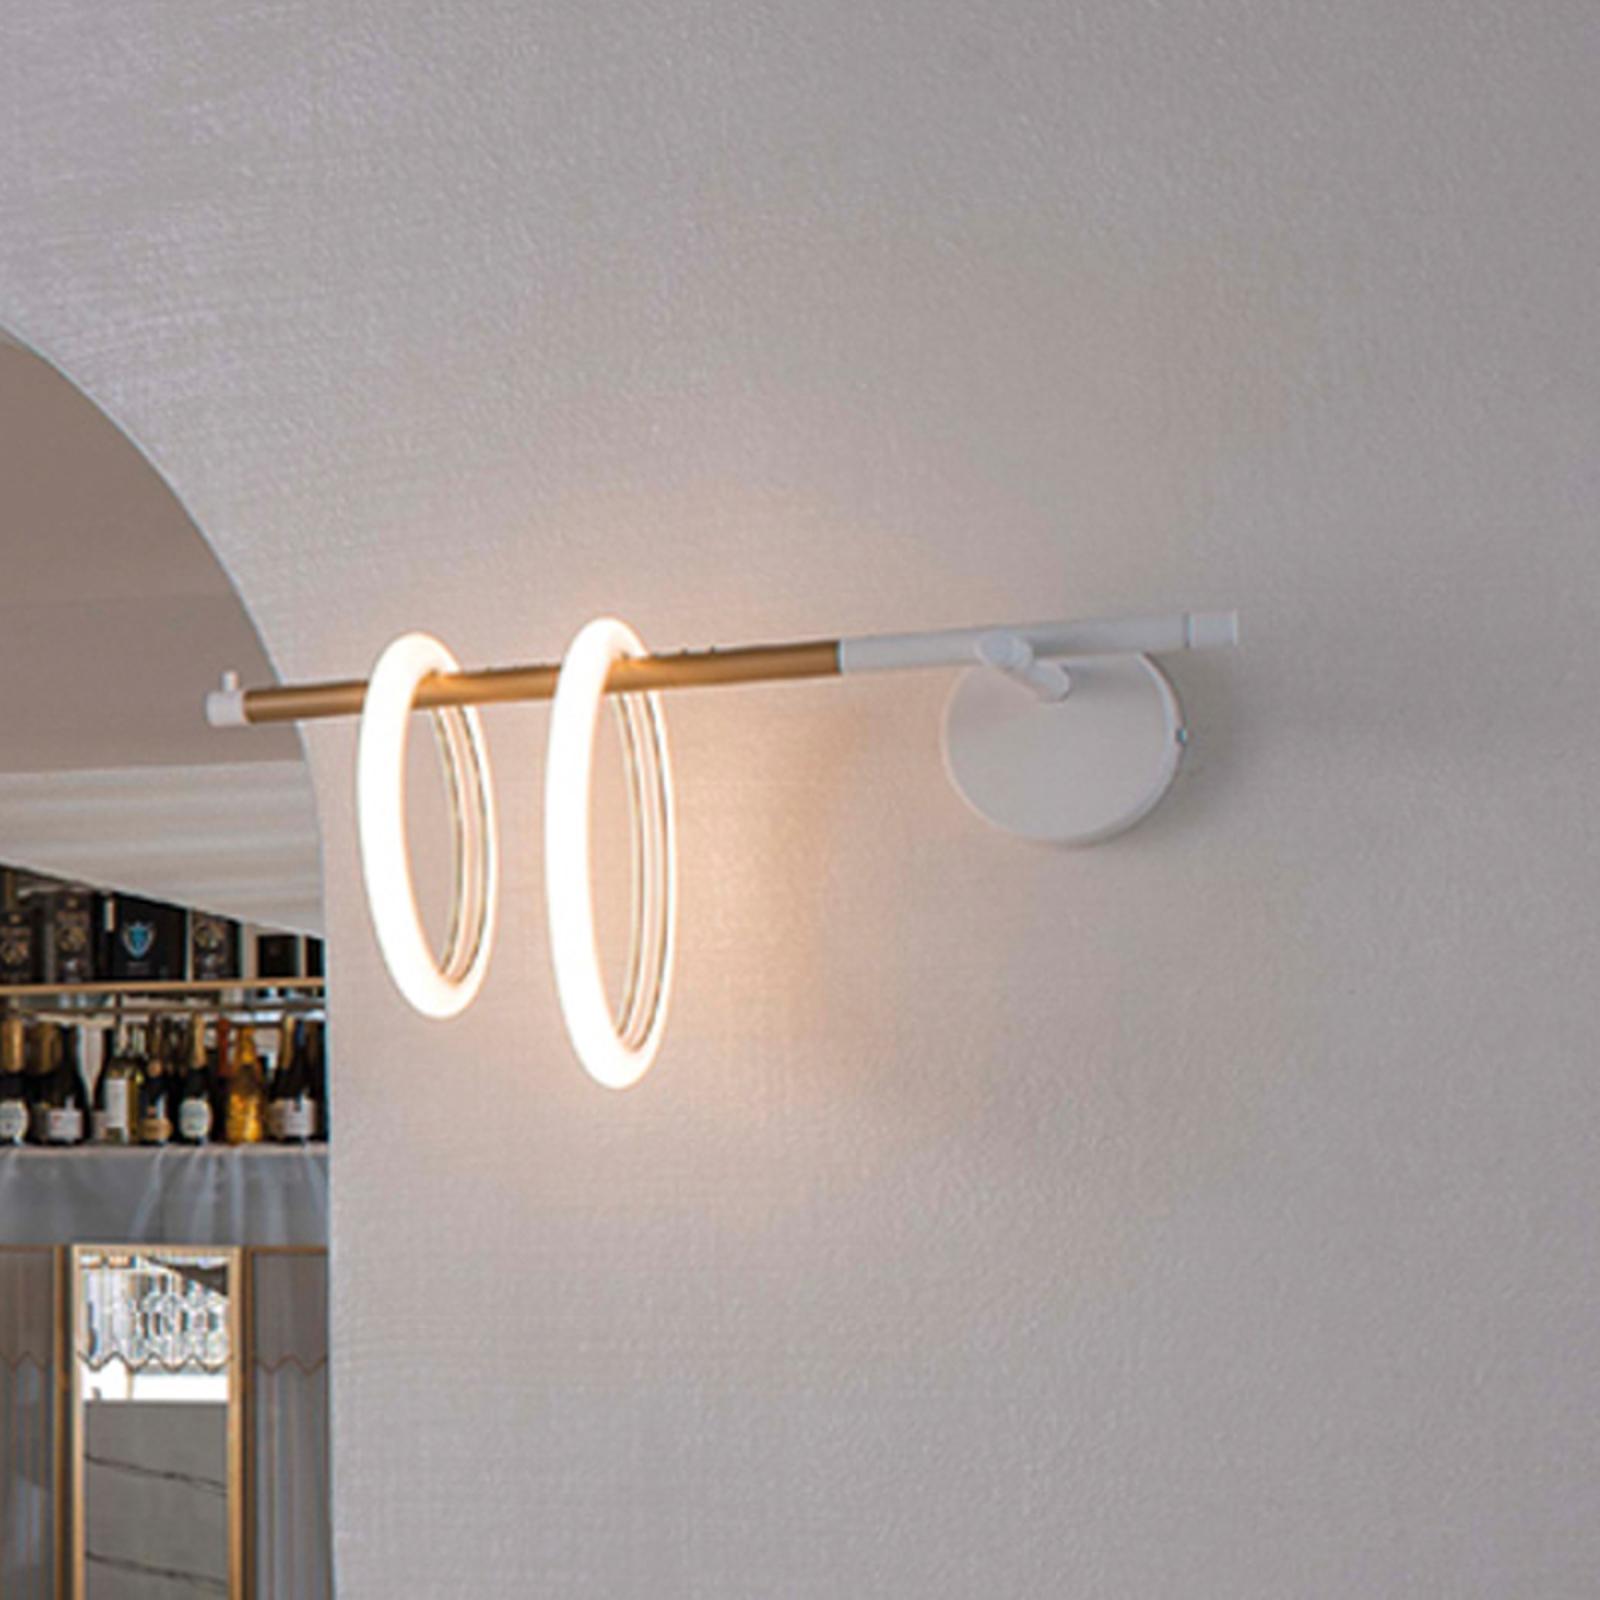 Kinkiet LED Ulaop, dwa pierścienie, lewy, biały